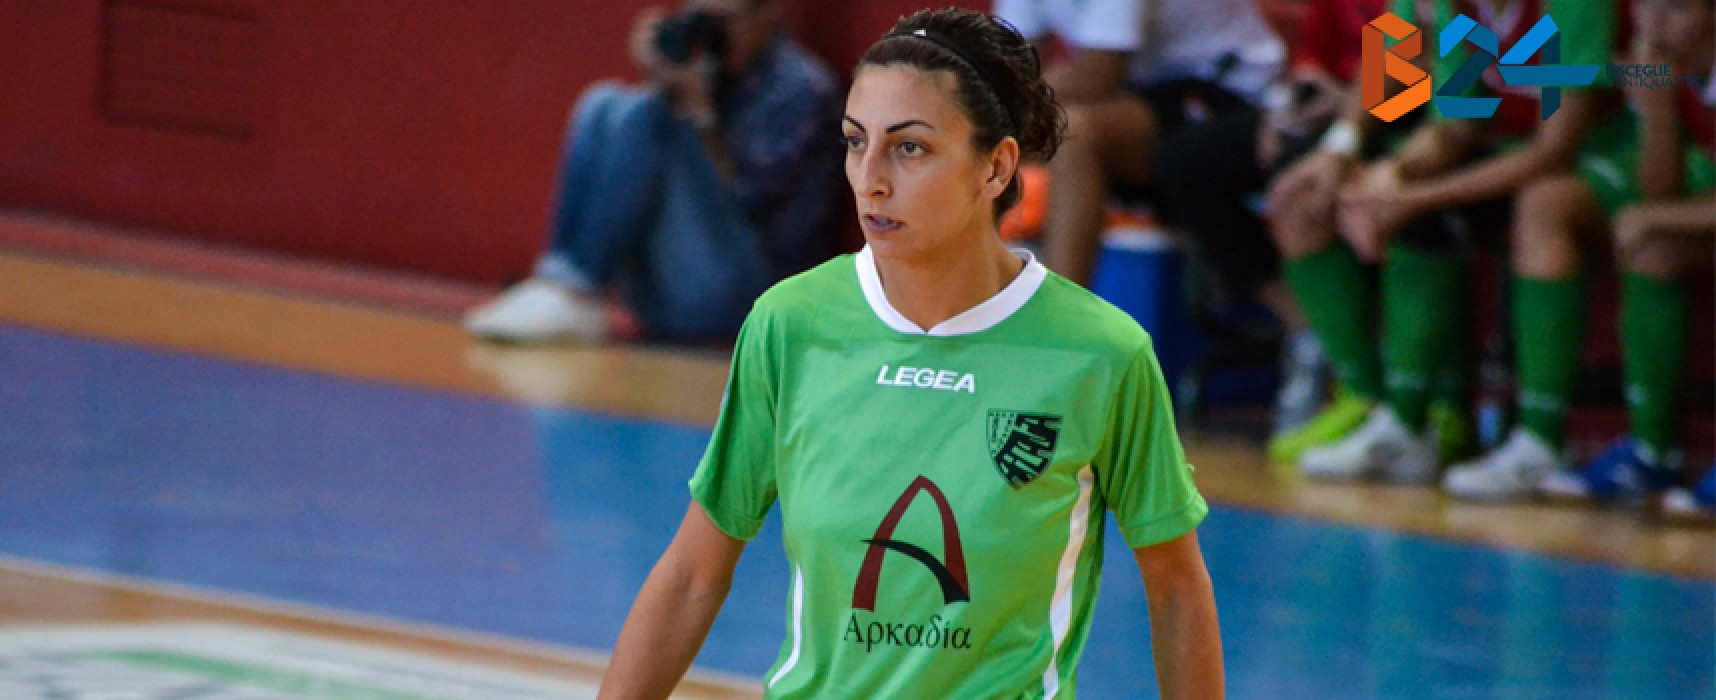 Arcadia corsara a Reggio Calabria: 8-1!